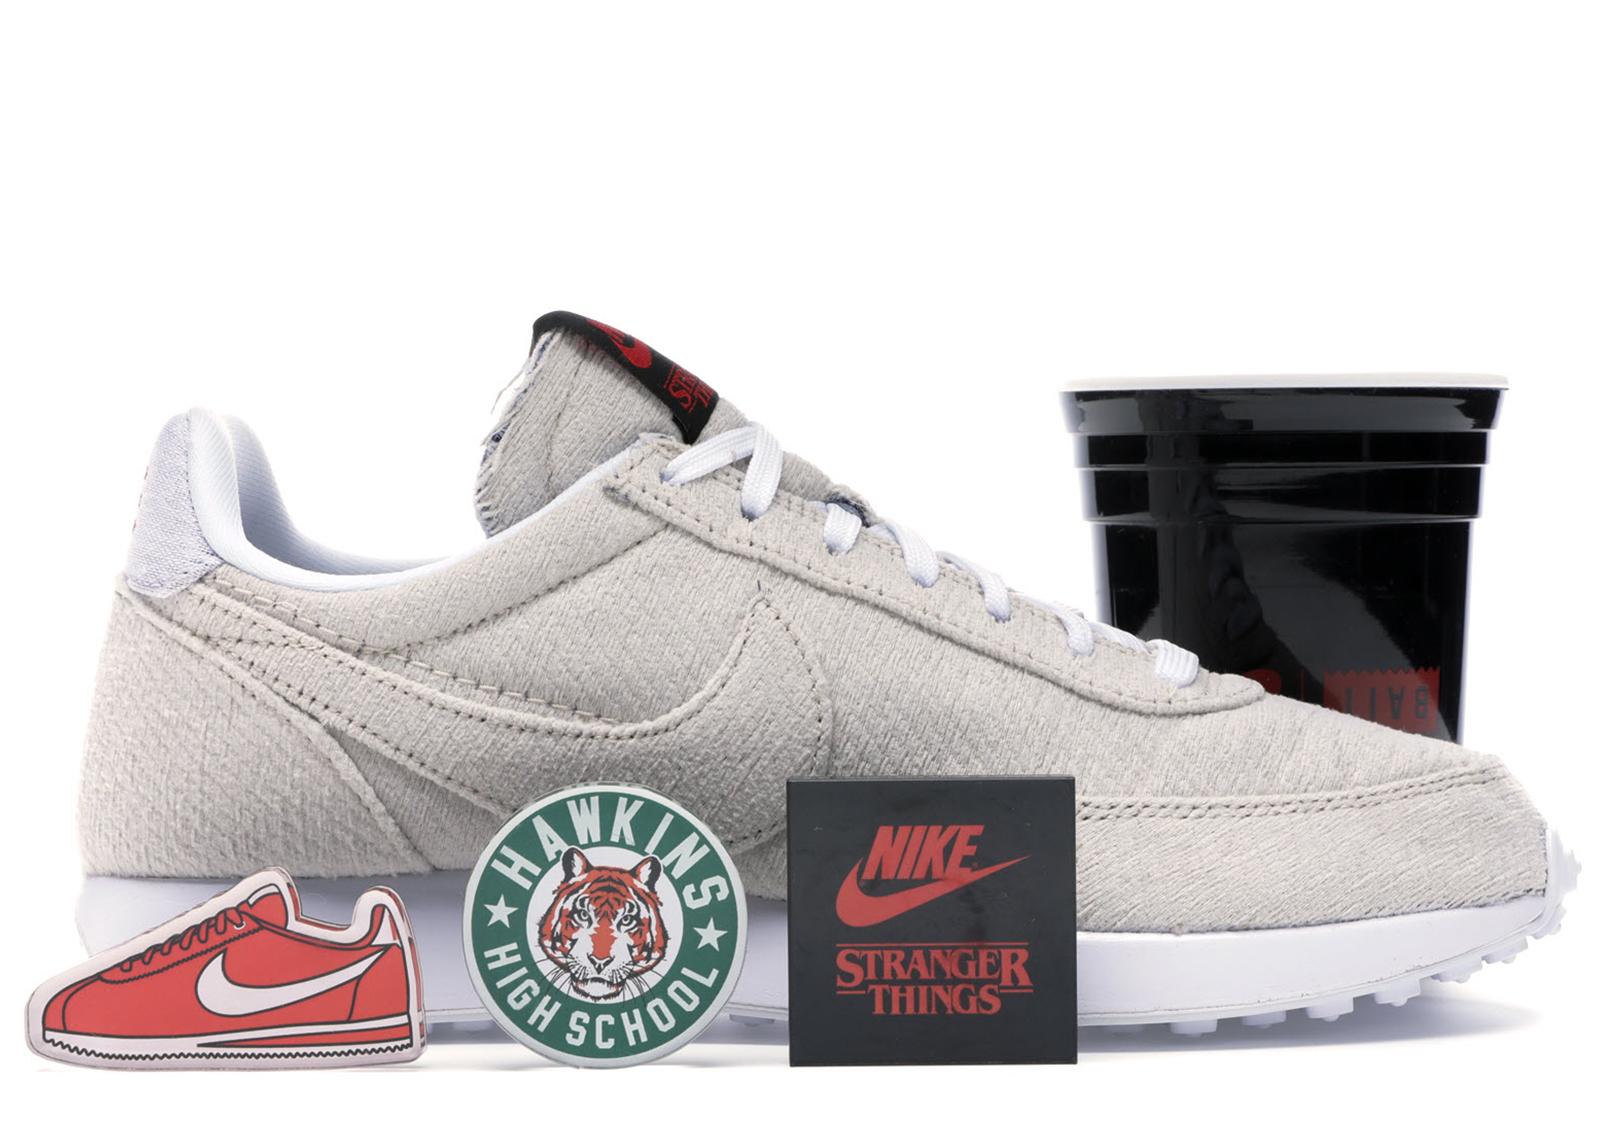 Buy Nike Stranger Things Shoes & Deadstock Sneakers